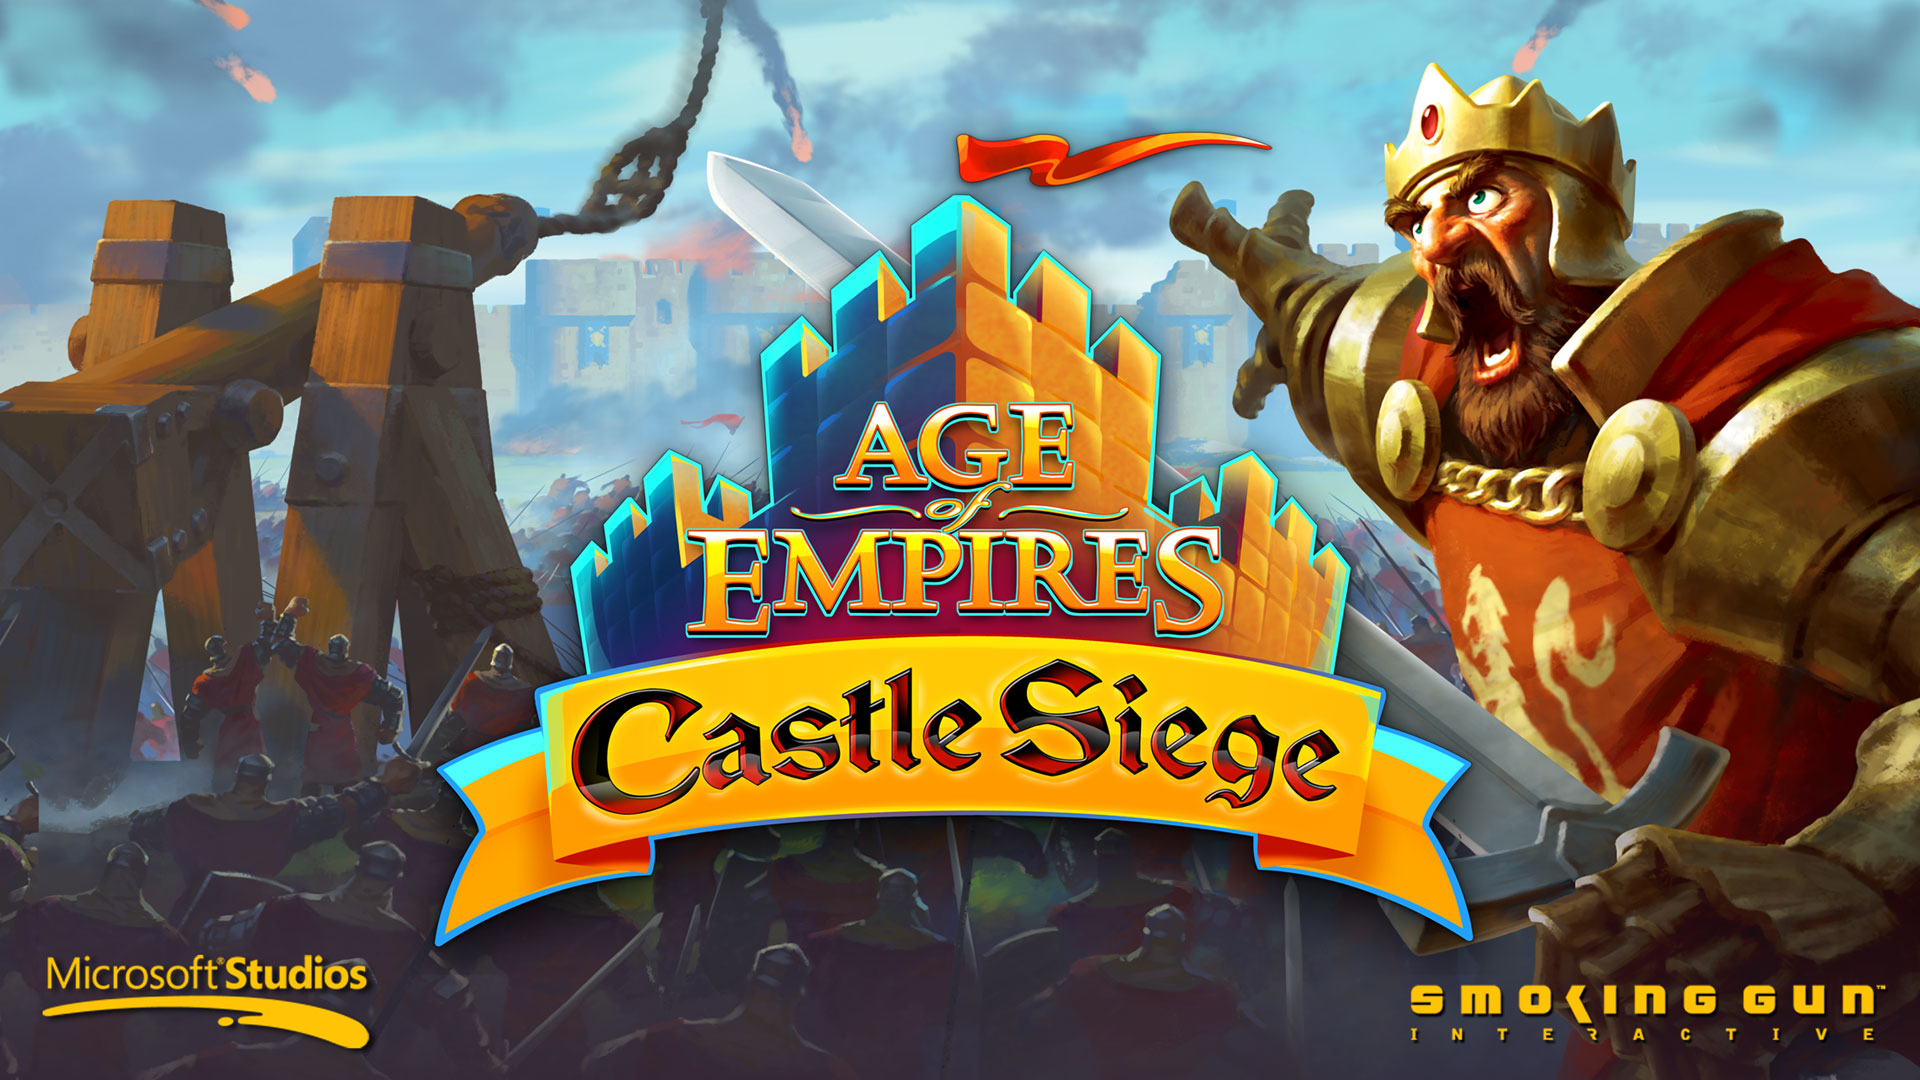 Age_Of_Empires_Castle_Siege_Mod_Apk